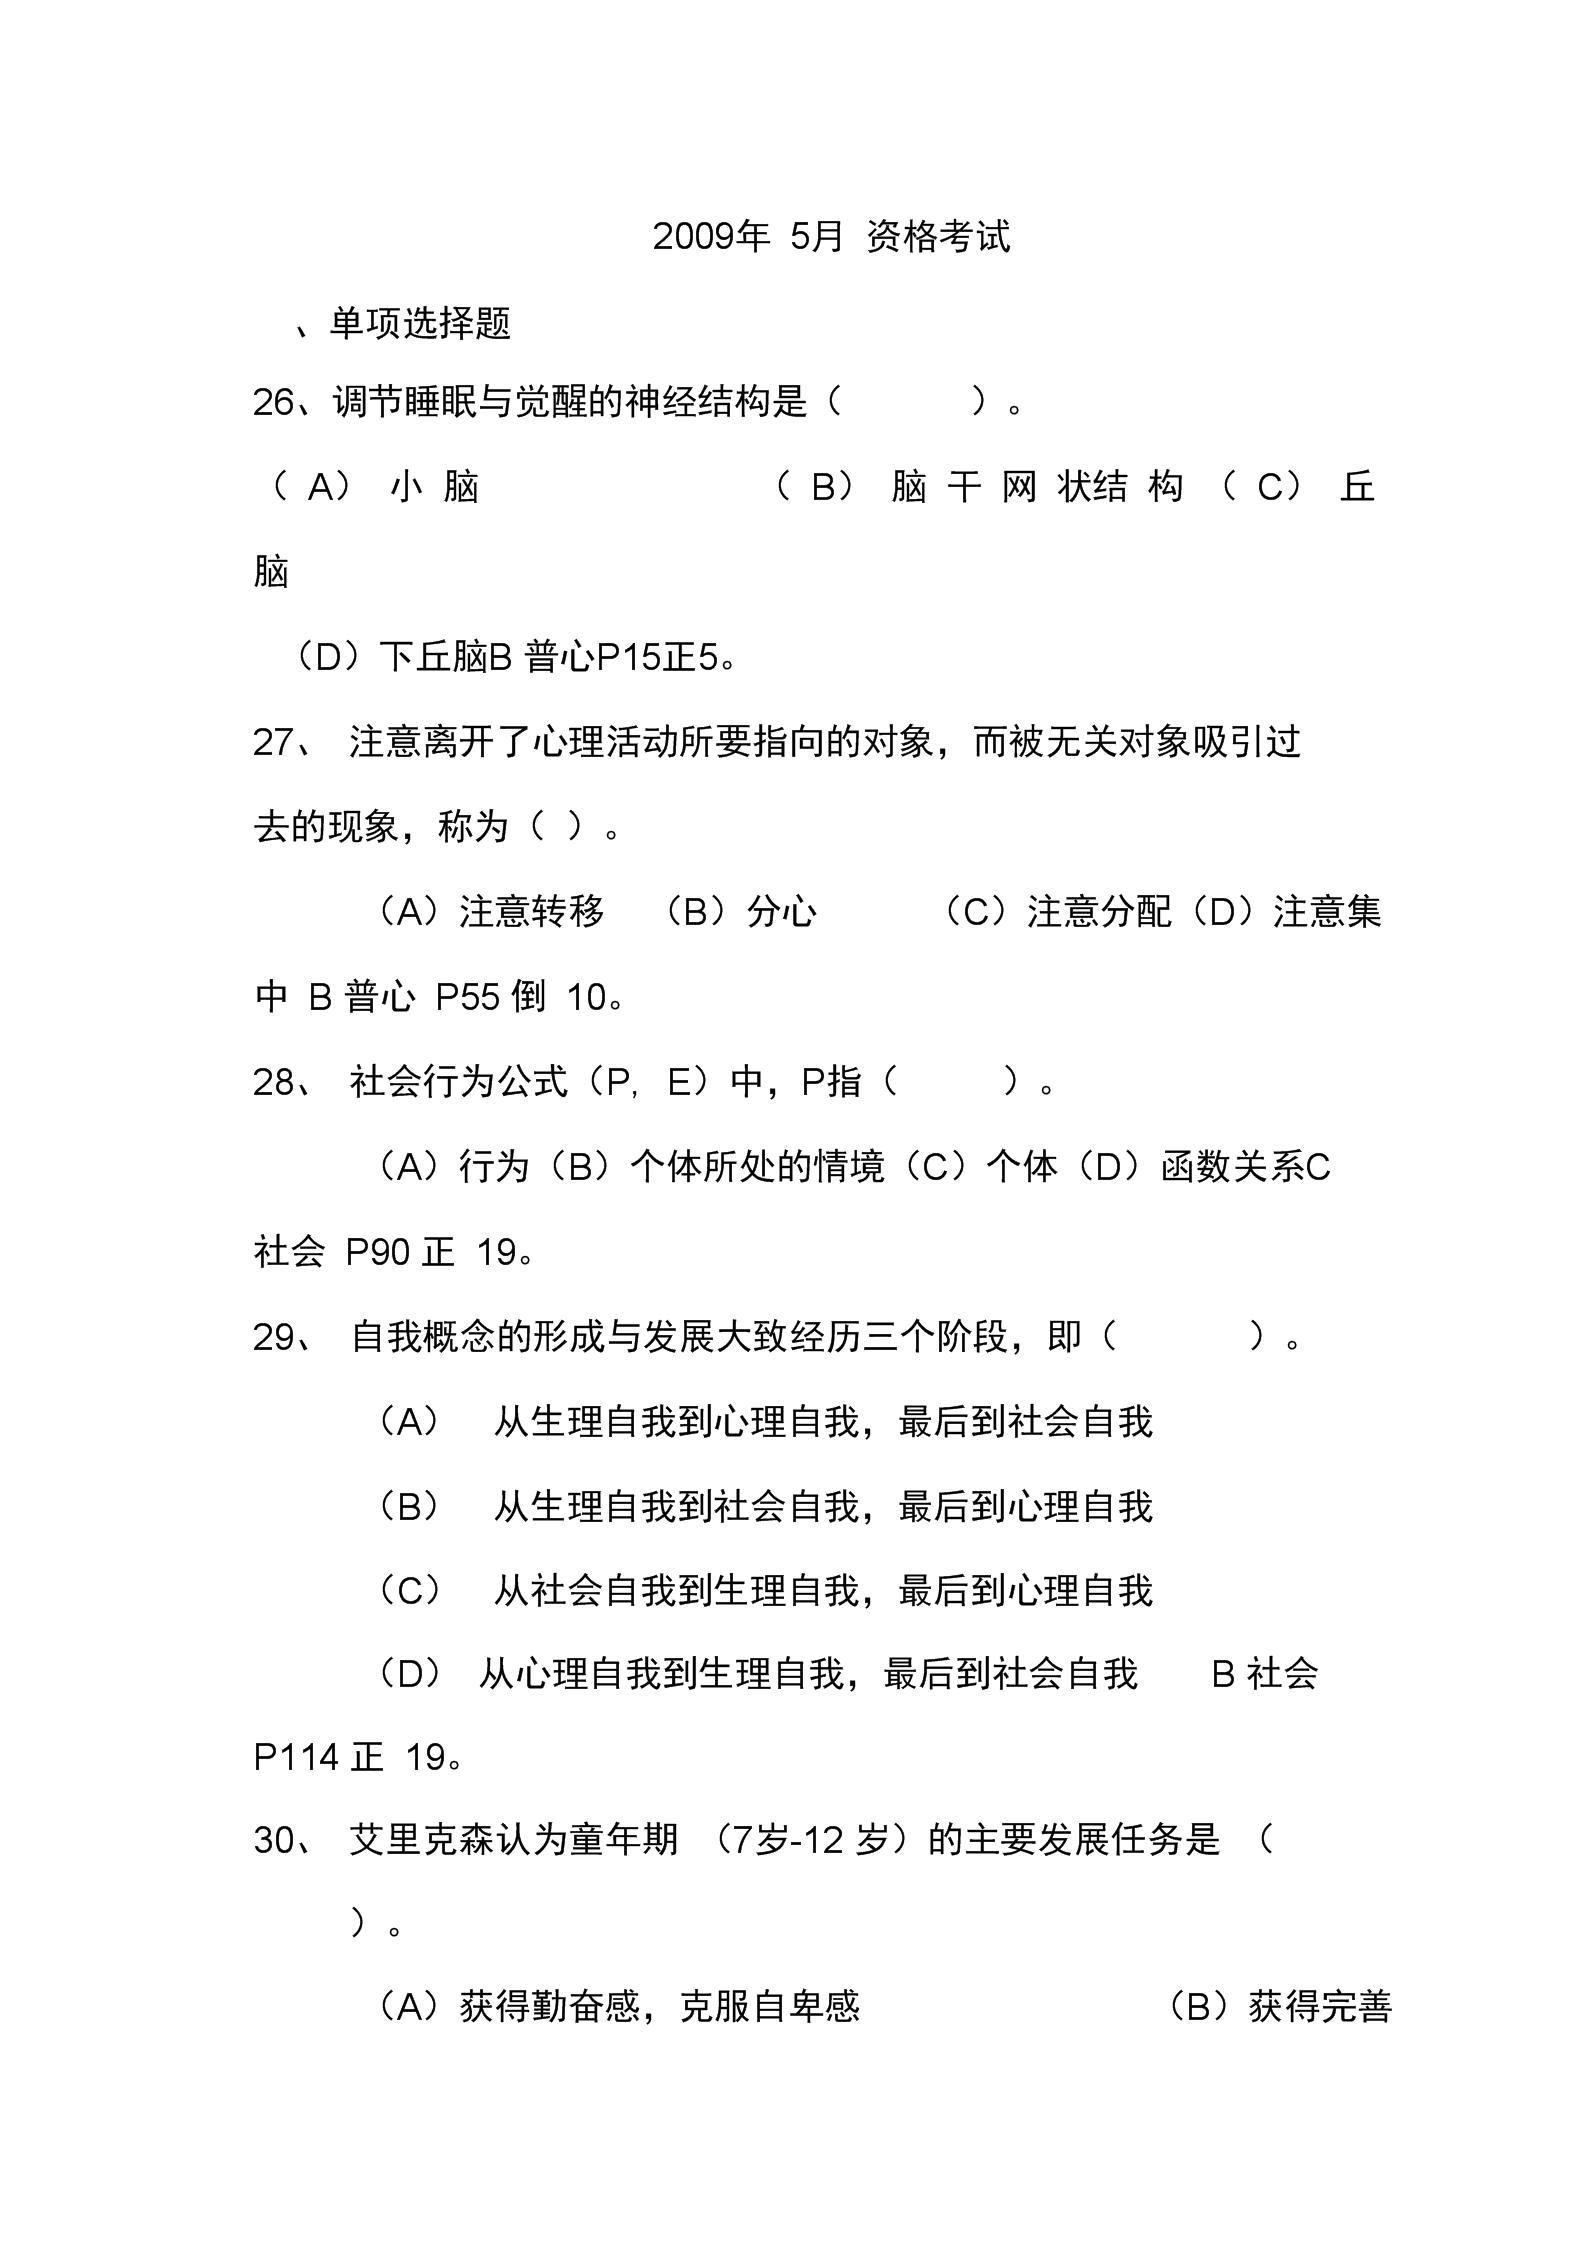 心理咨询师考题200905—3理论-复习资料.docx